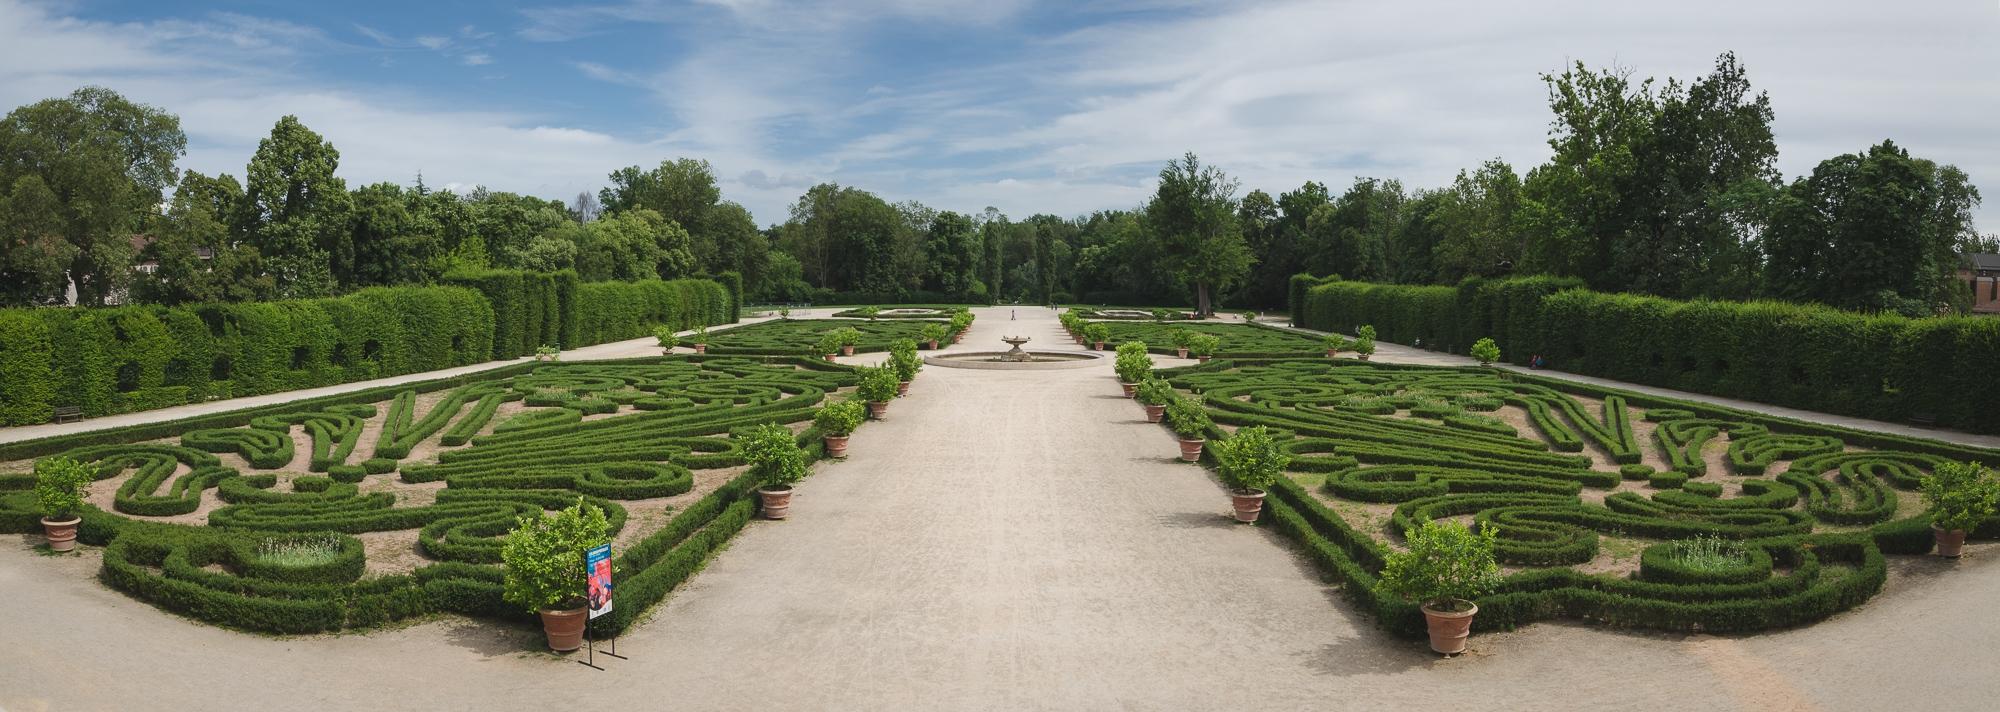 Parco Giardino Reggia di Colorno - Manuele Dellanave - Colorno (PR)